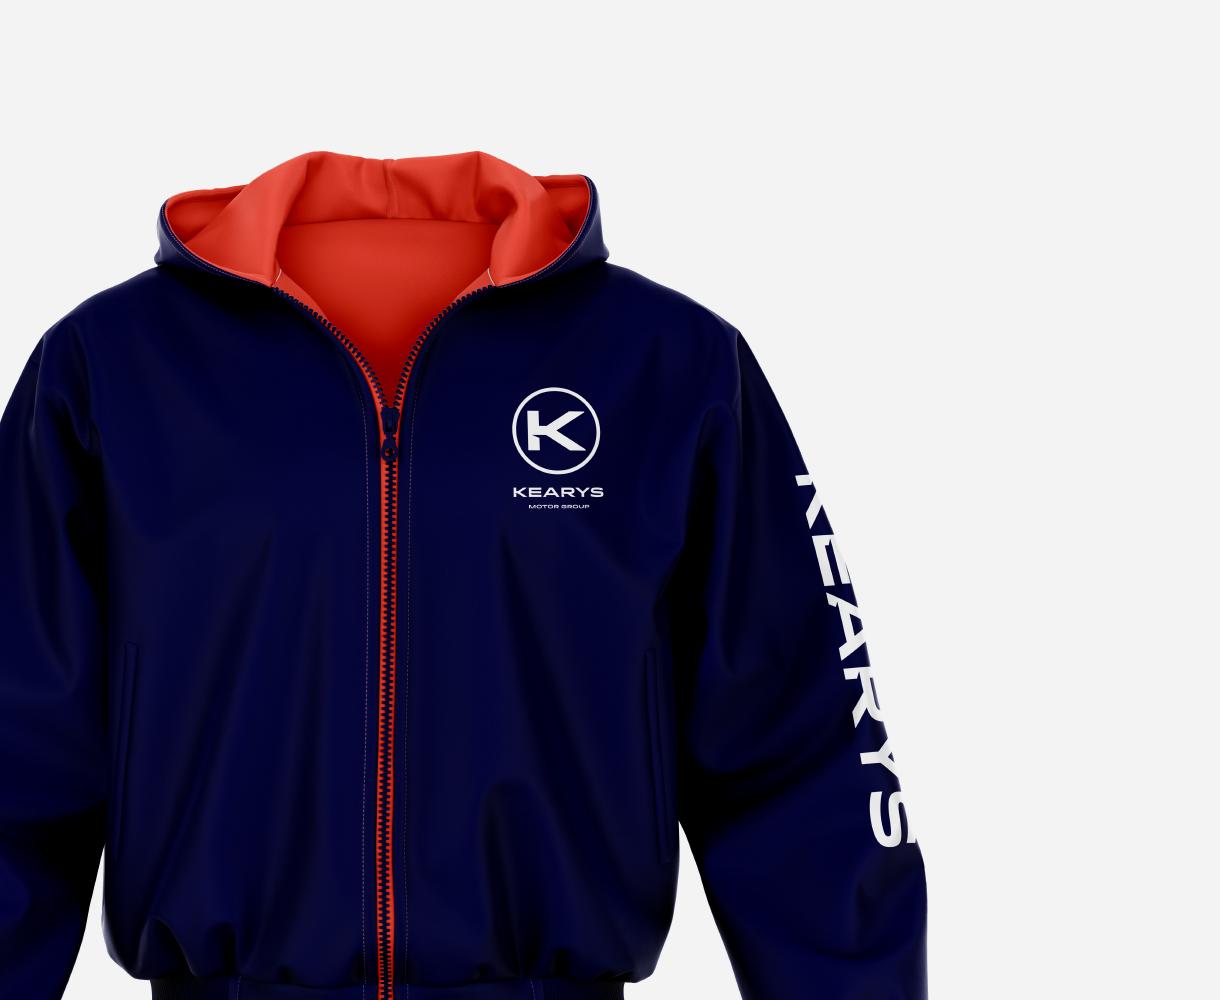 Kearys-Jacket